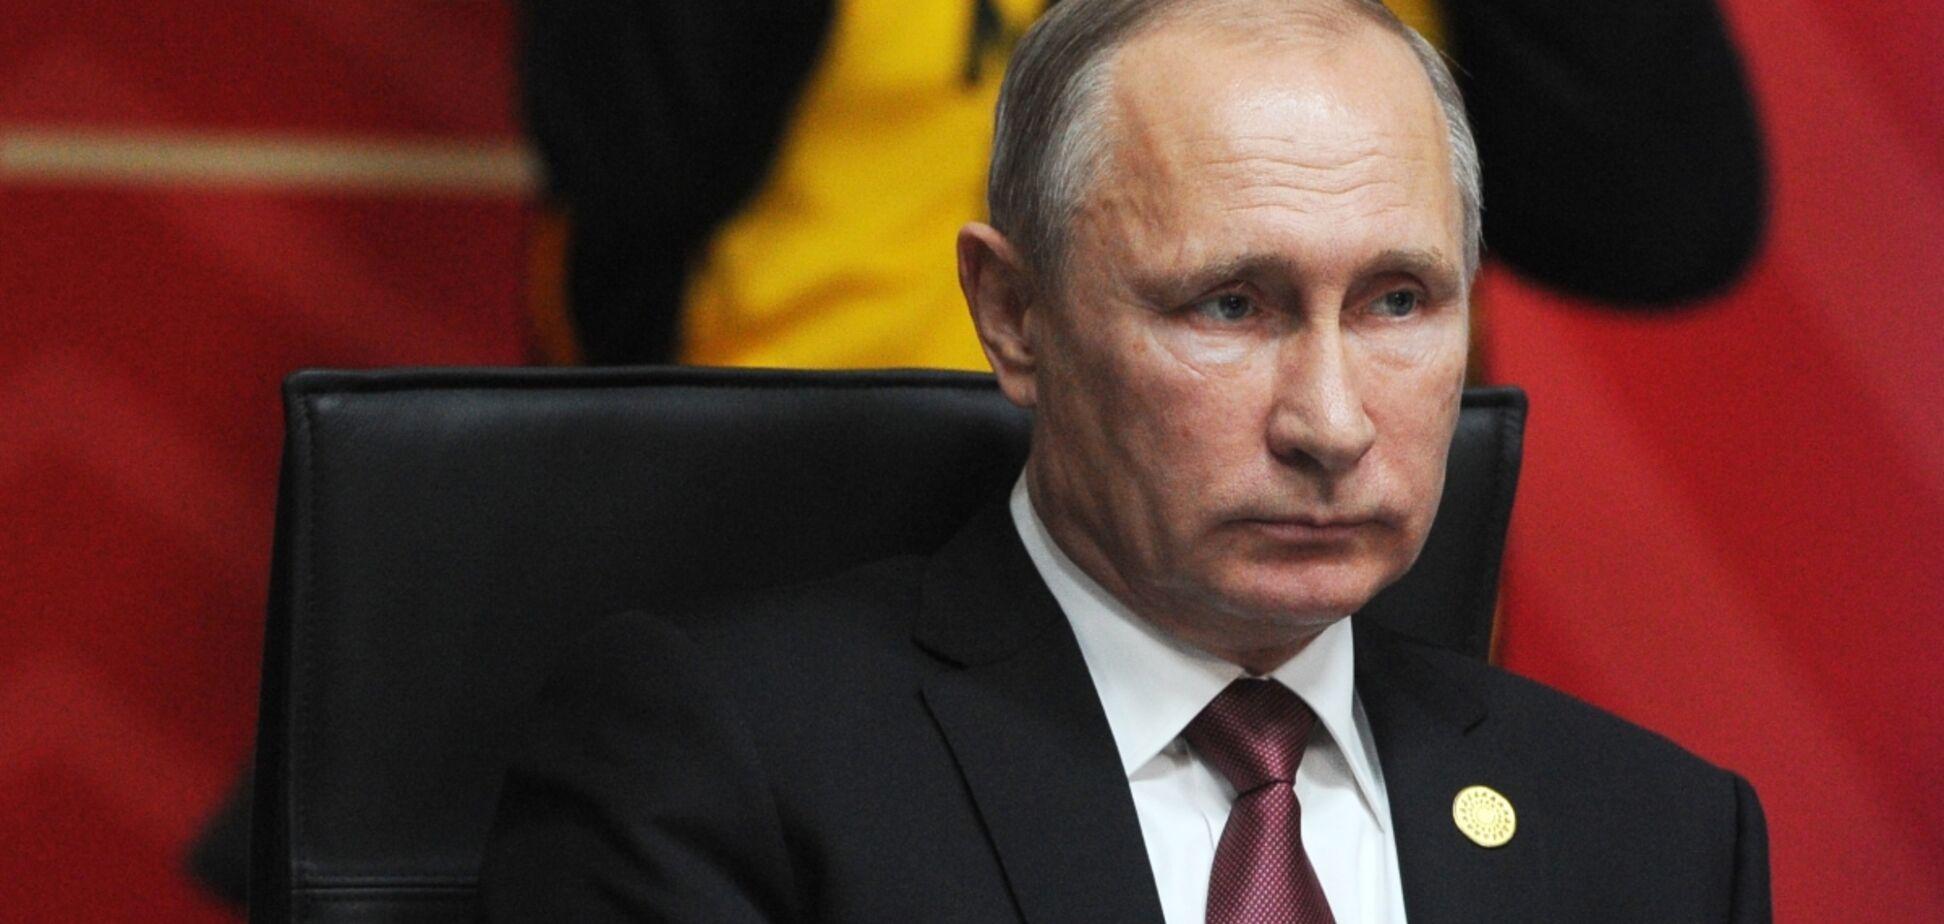 Піонтковський розповів, чому Путін 'не полізе на Київ'